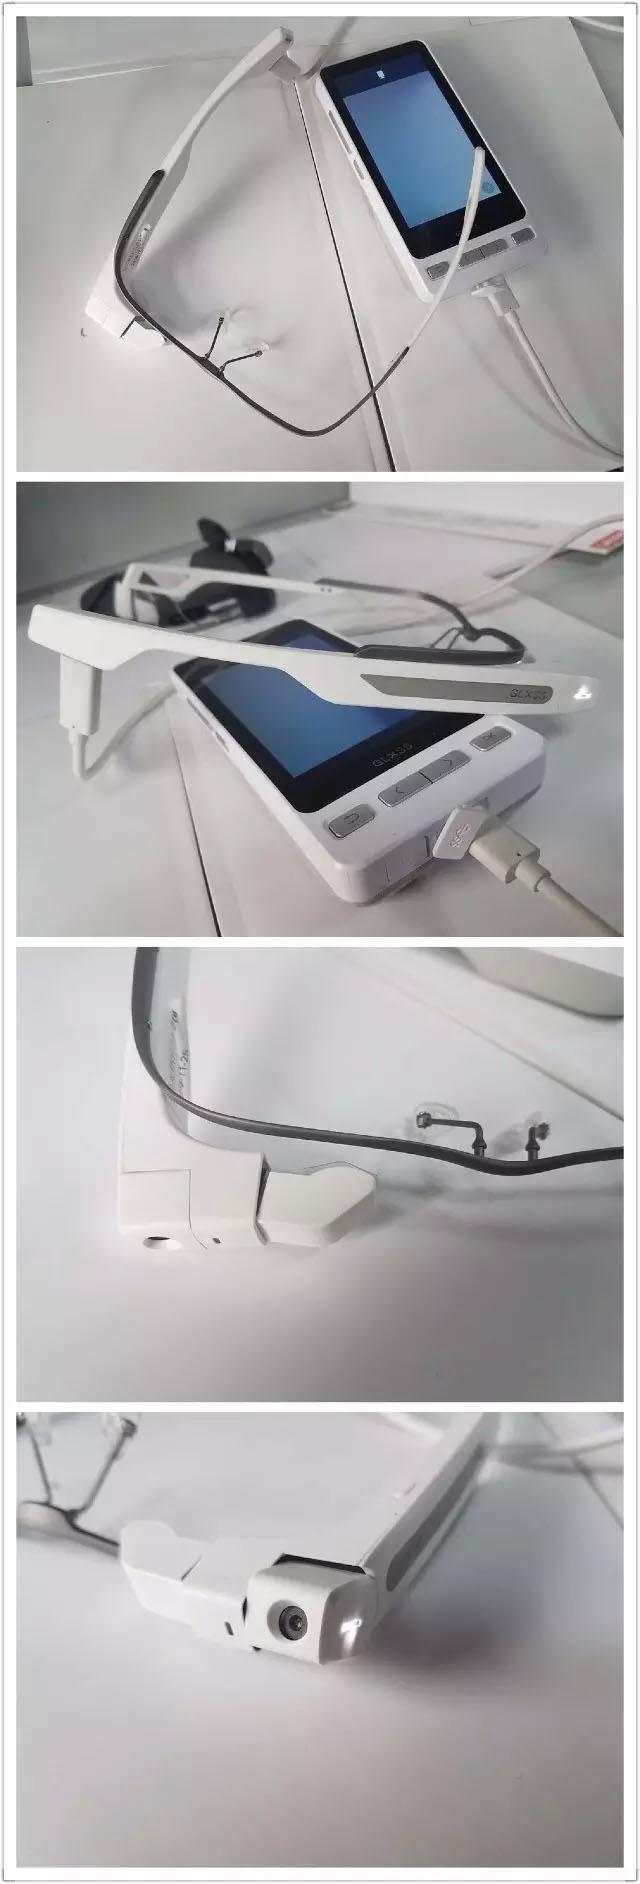 智能眼镜在医疗领域的应用和改进